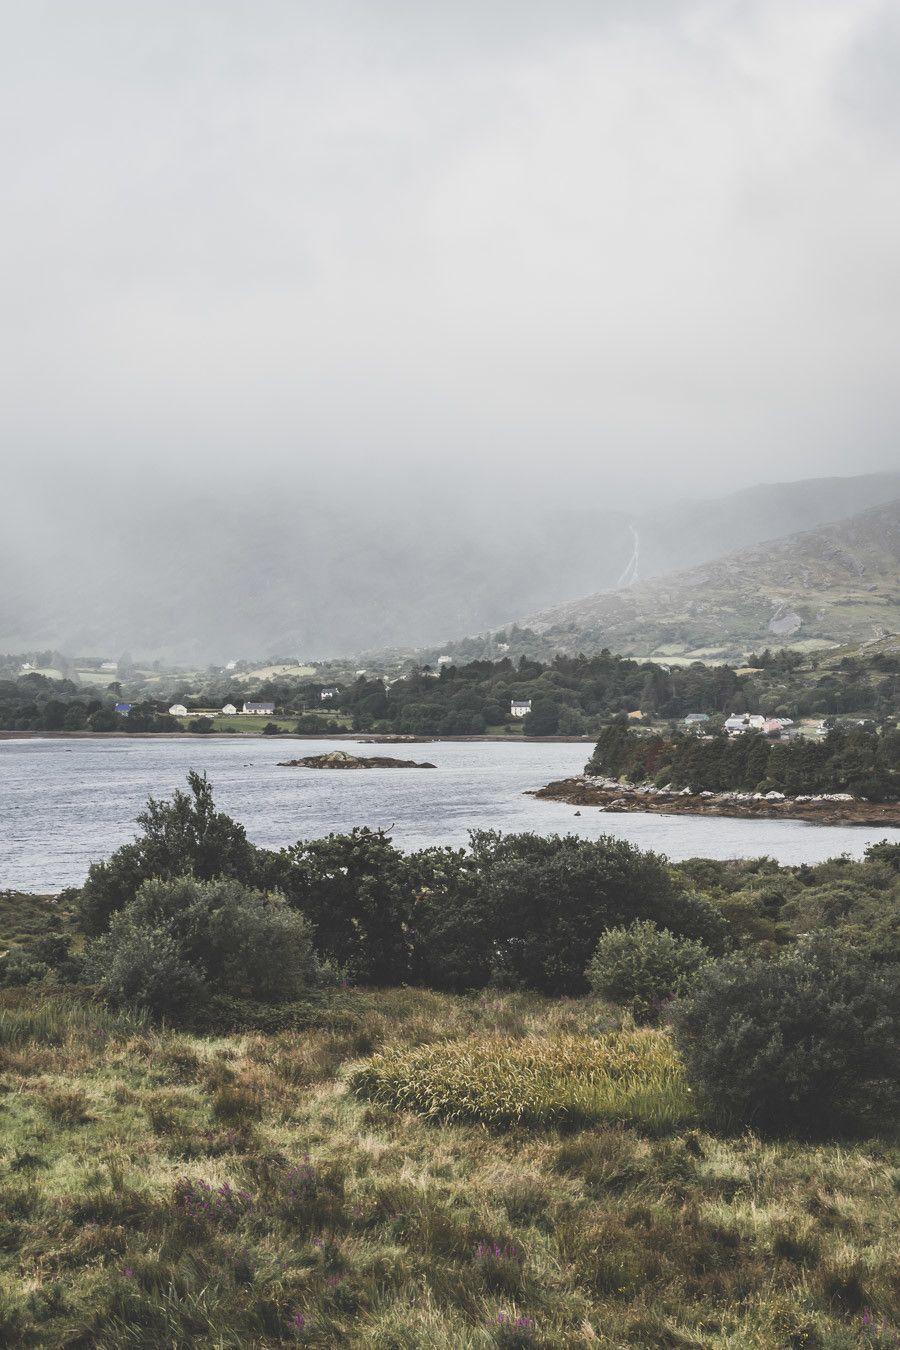 L'océan atlantique depuis le comté de Cork